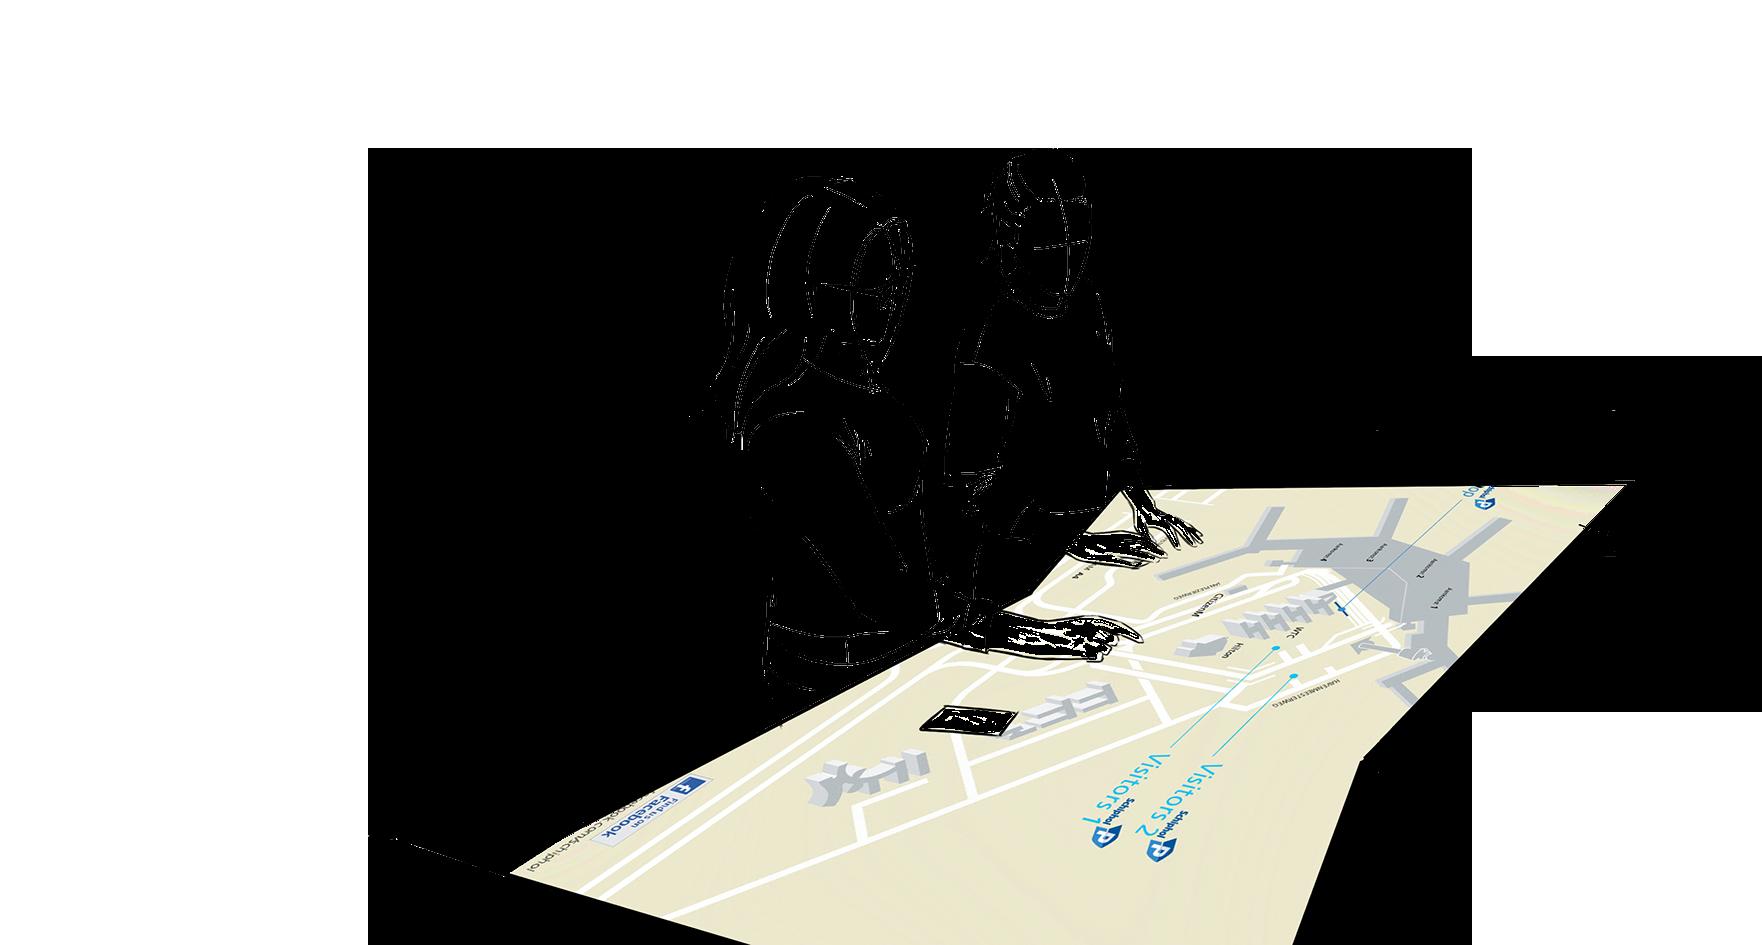 sketch-crop-u13451_2x